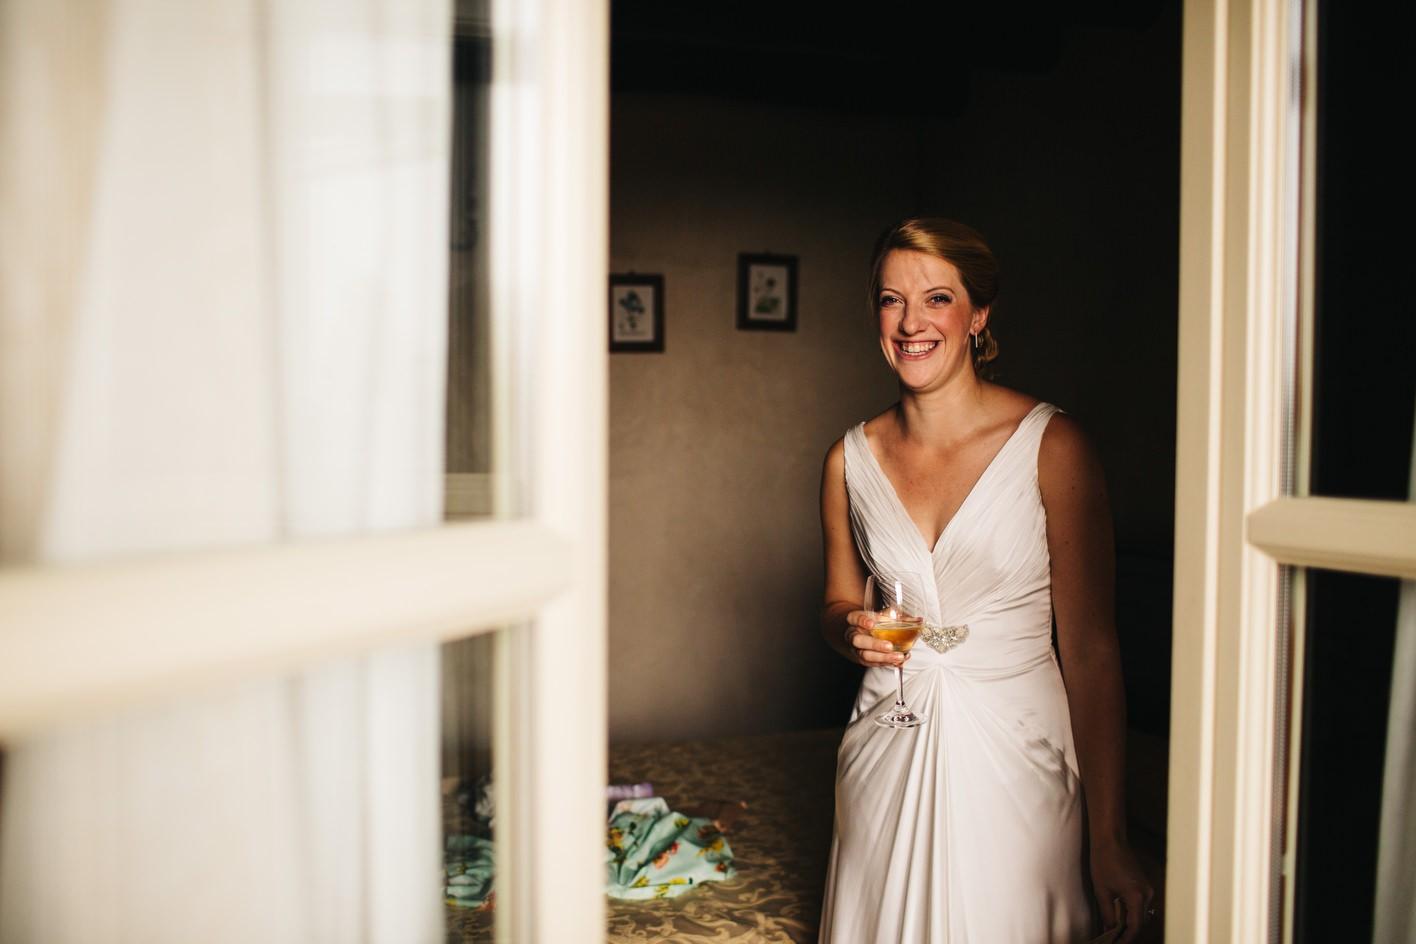 Bride portrait in Italy destination wedding